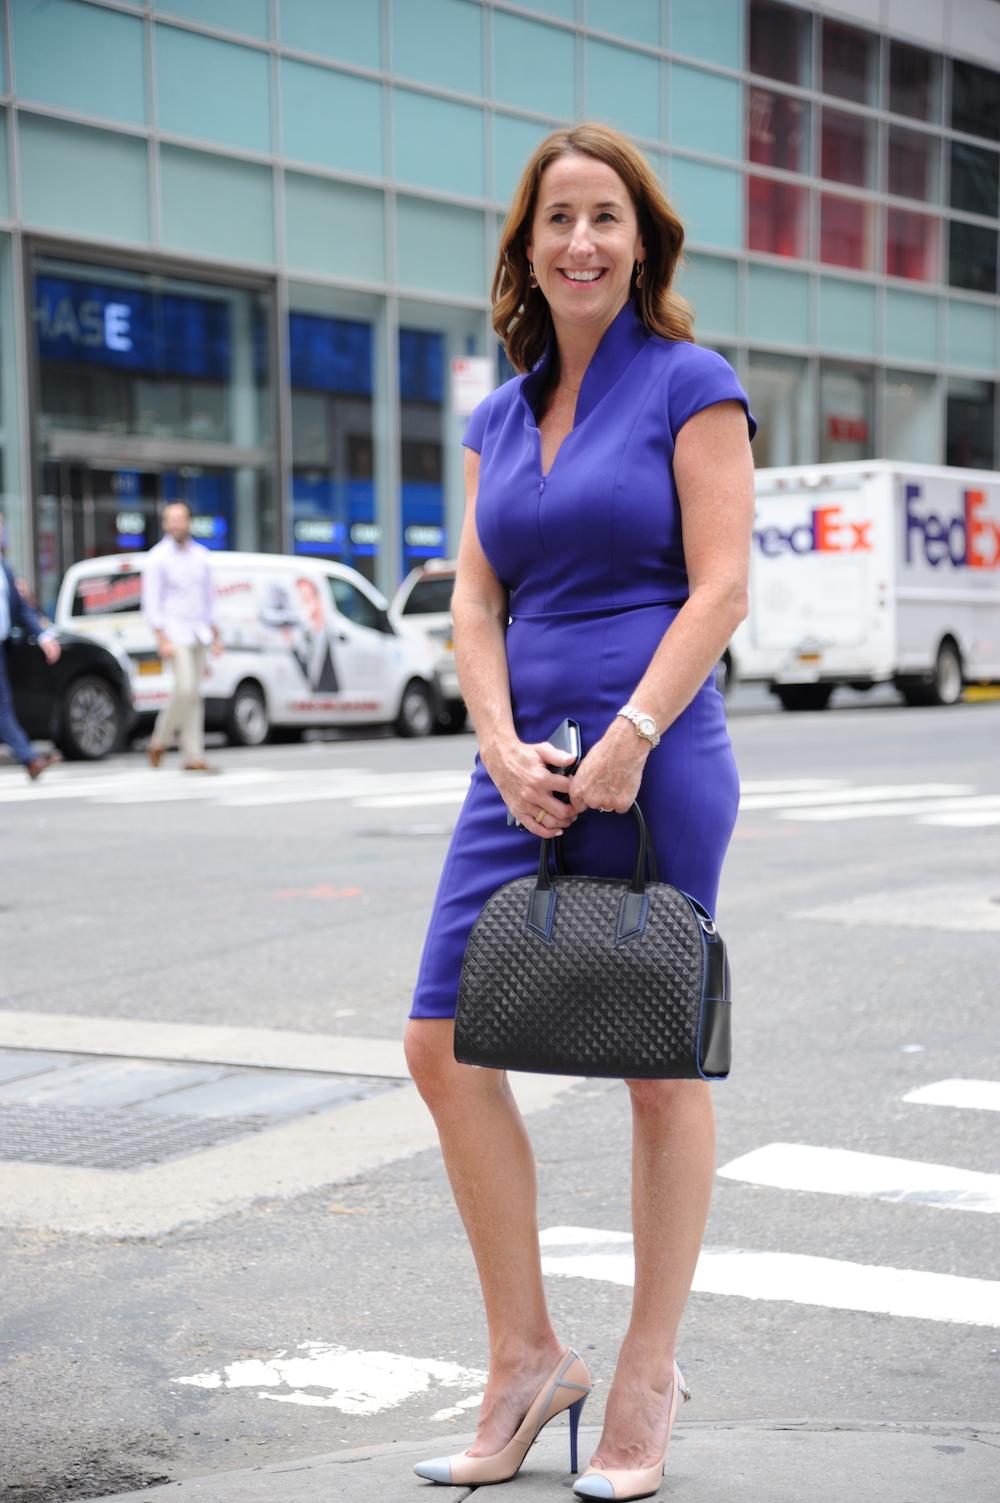 Alexandra de Curtis Black Scudo Bowling Bag.jpg